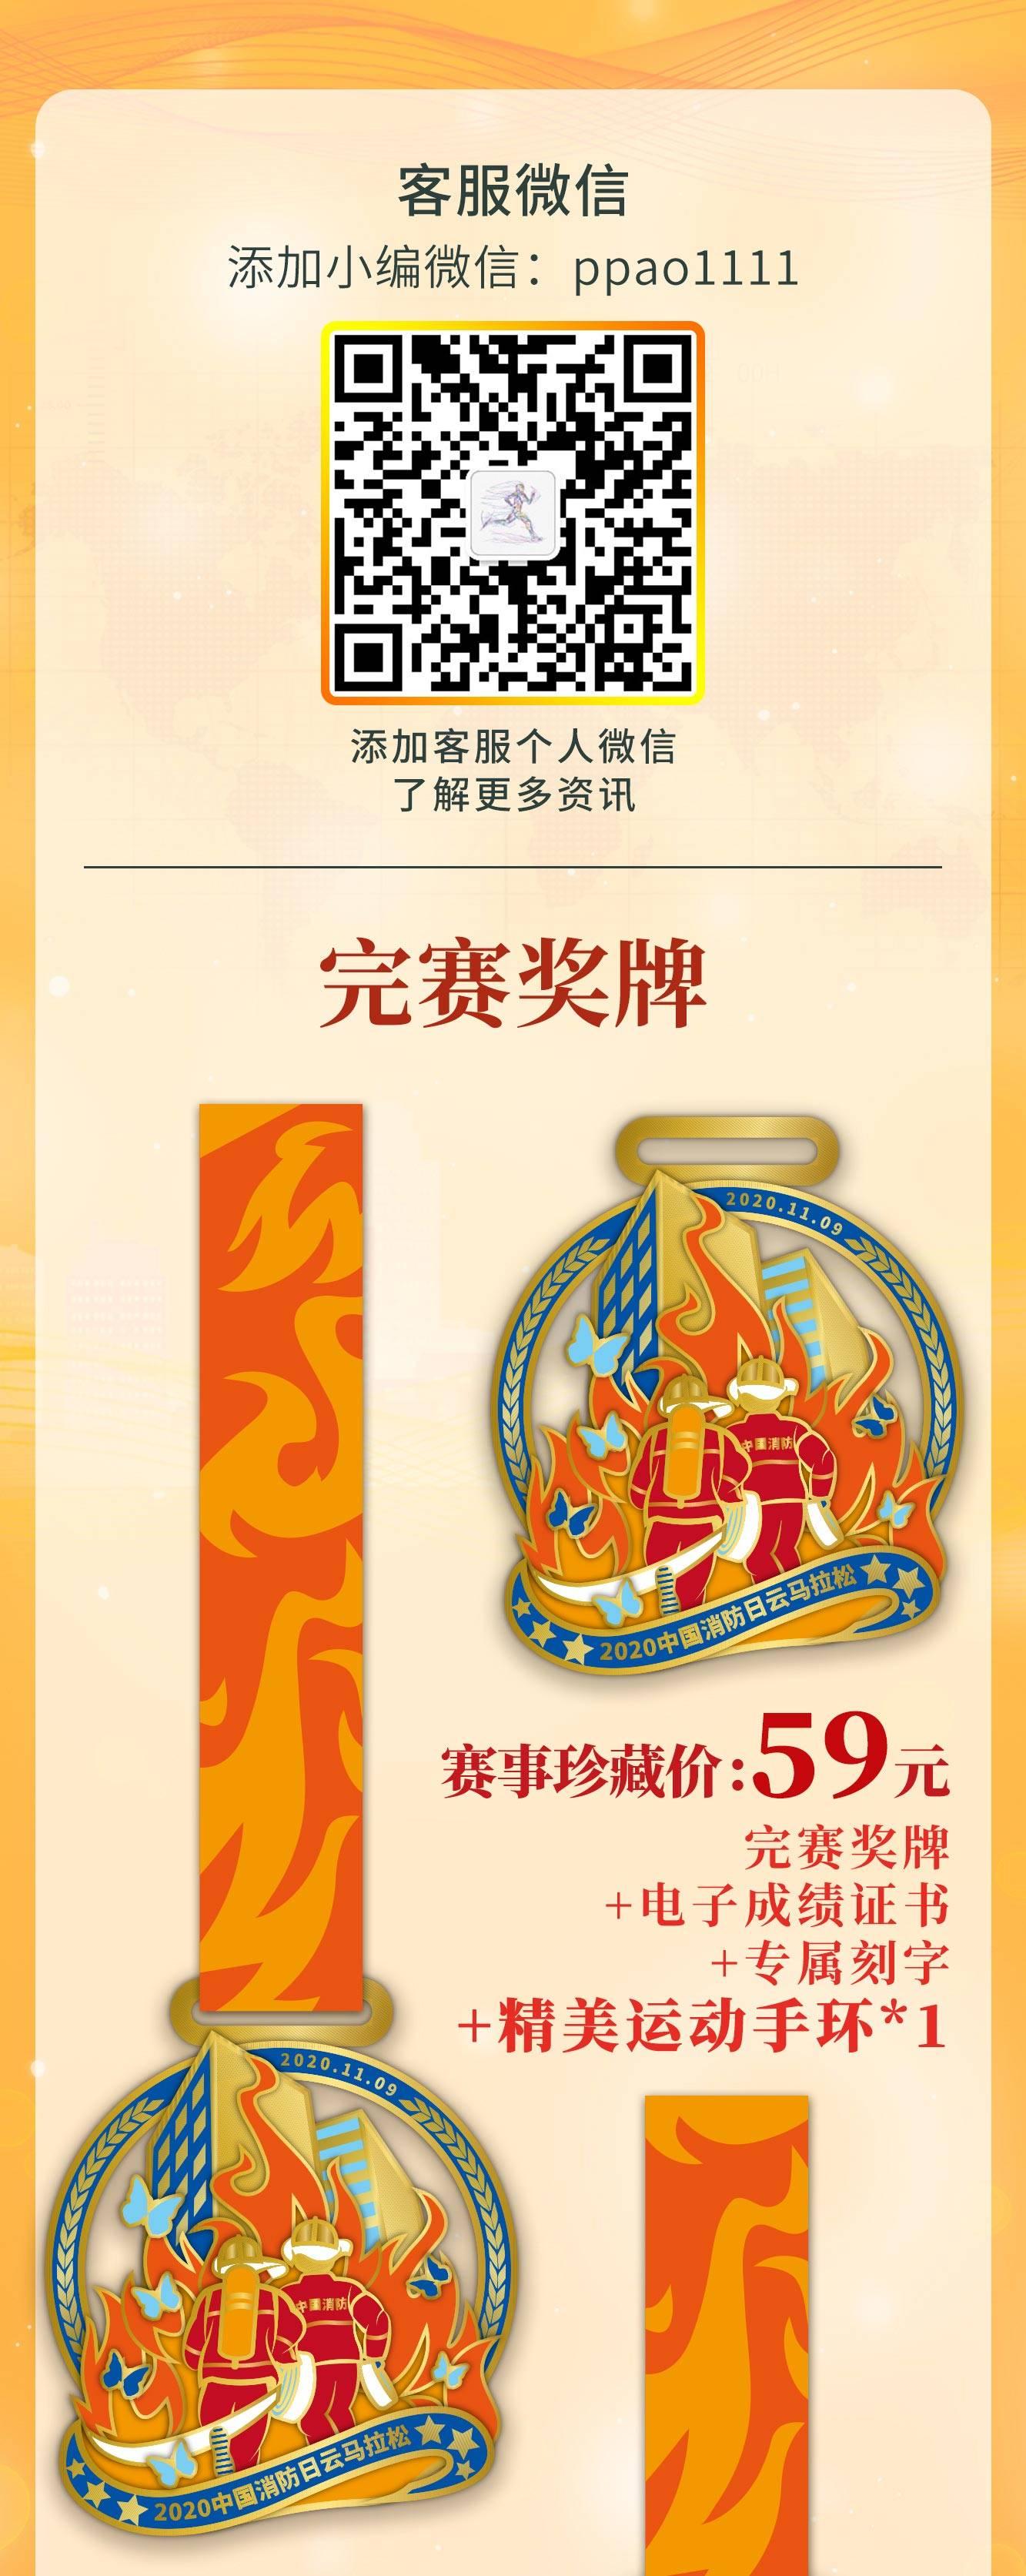 消防奖牌详情_04.jpg